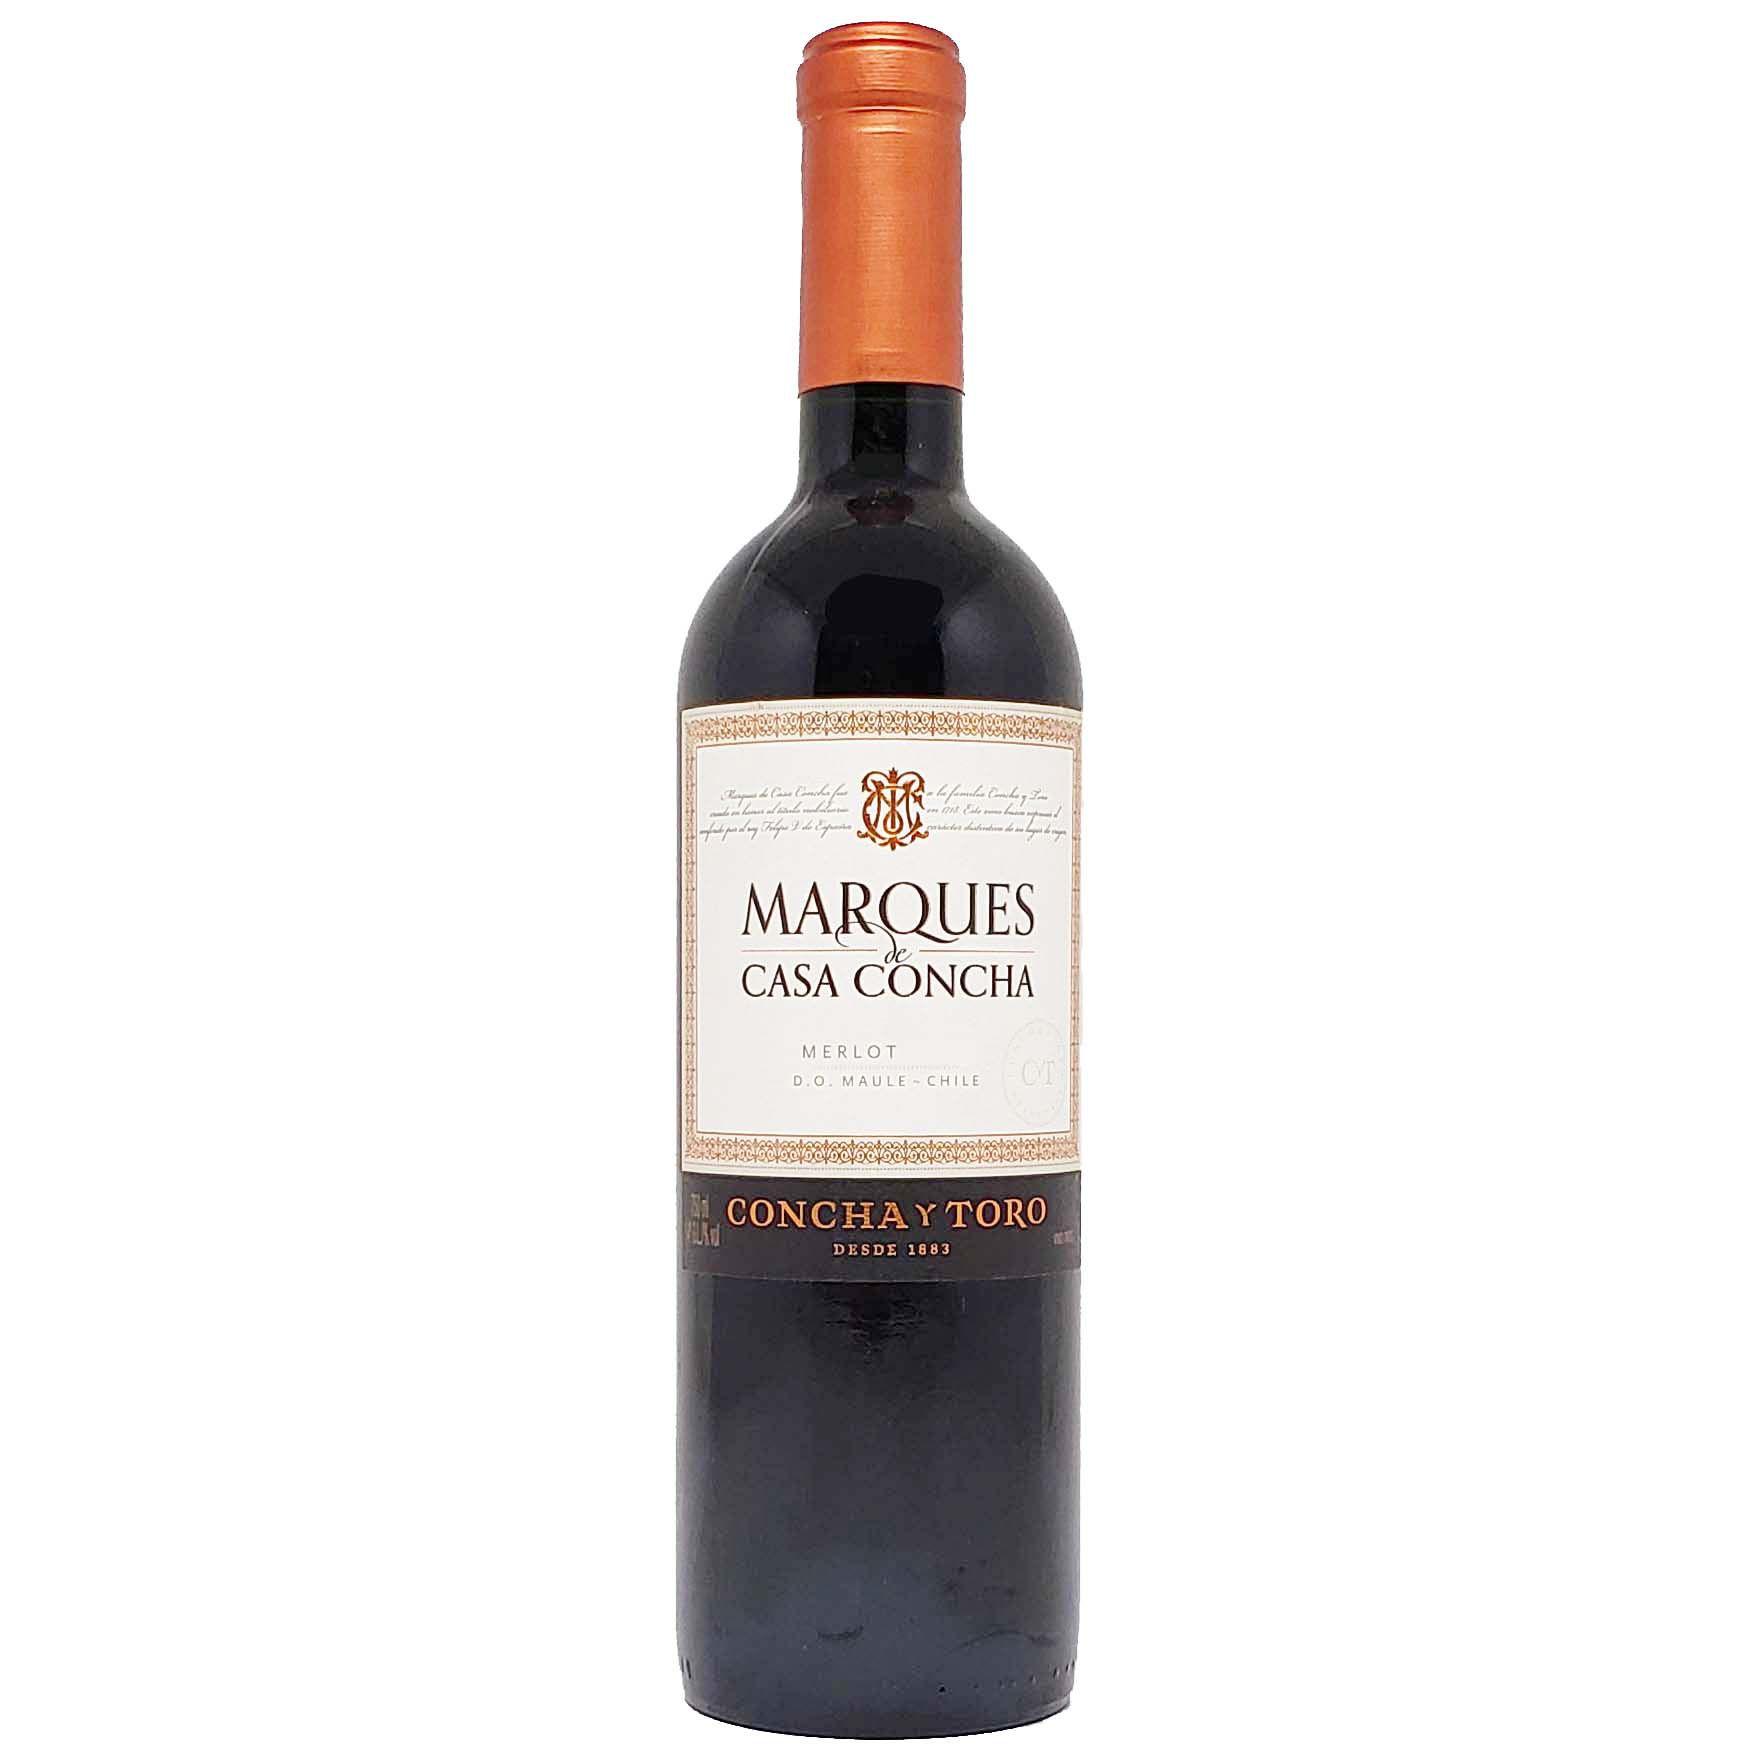 Vinho Tinto Marques de Casa Concha Merlot - 750ml -